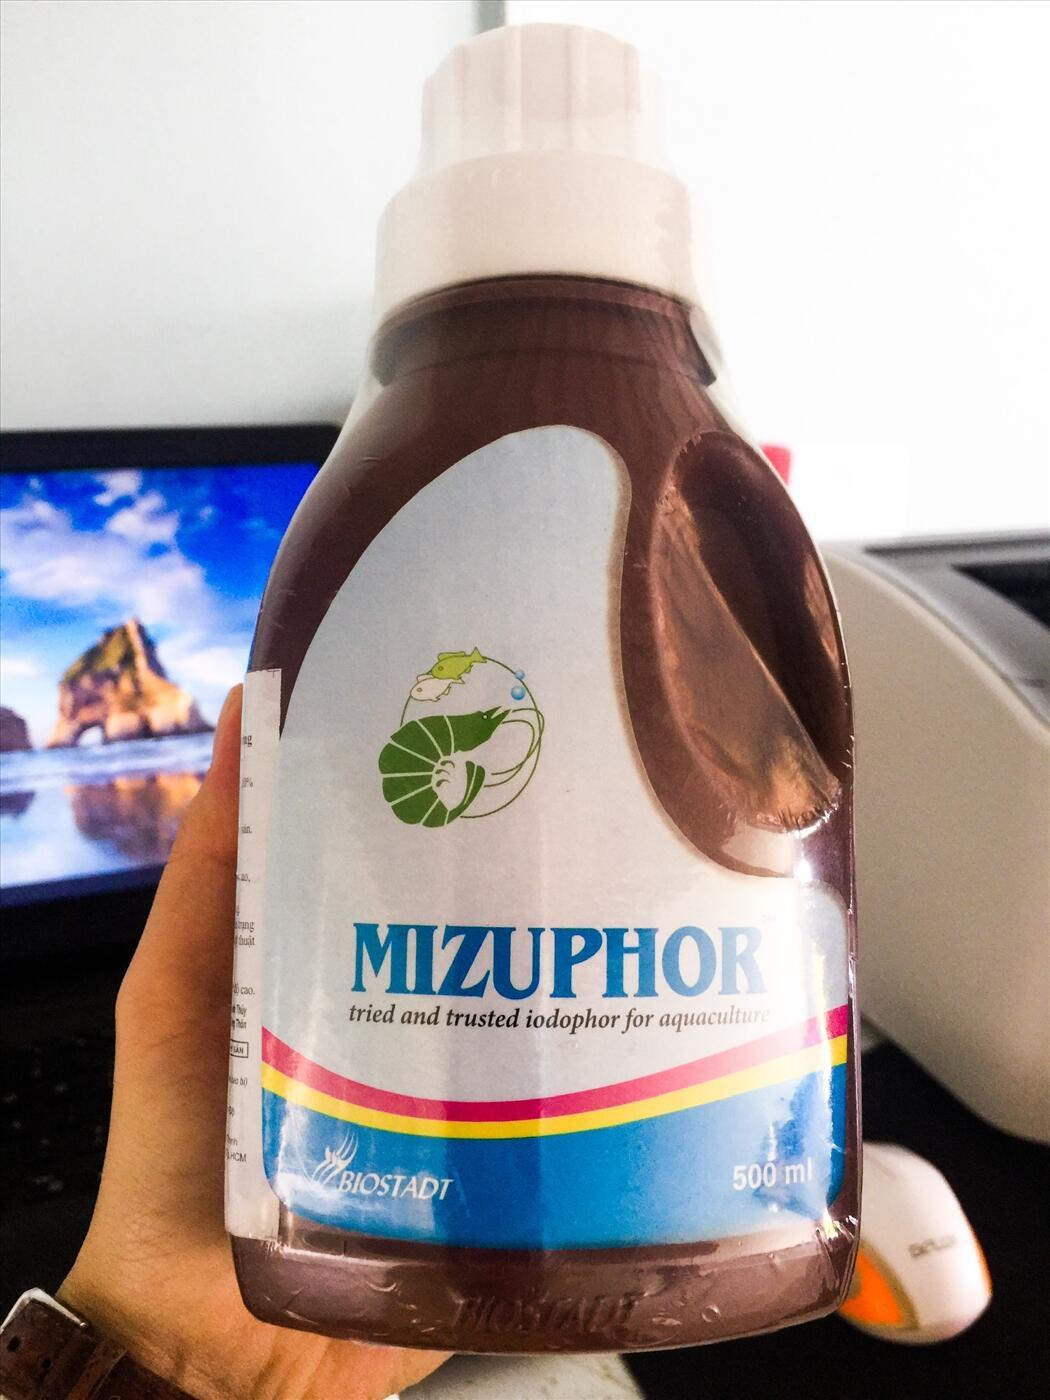 MIZUPHOR